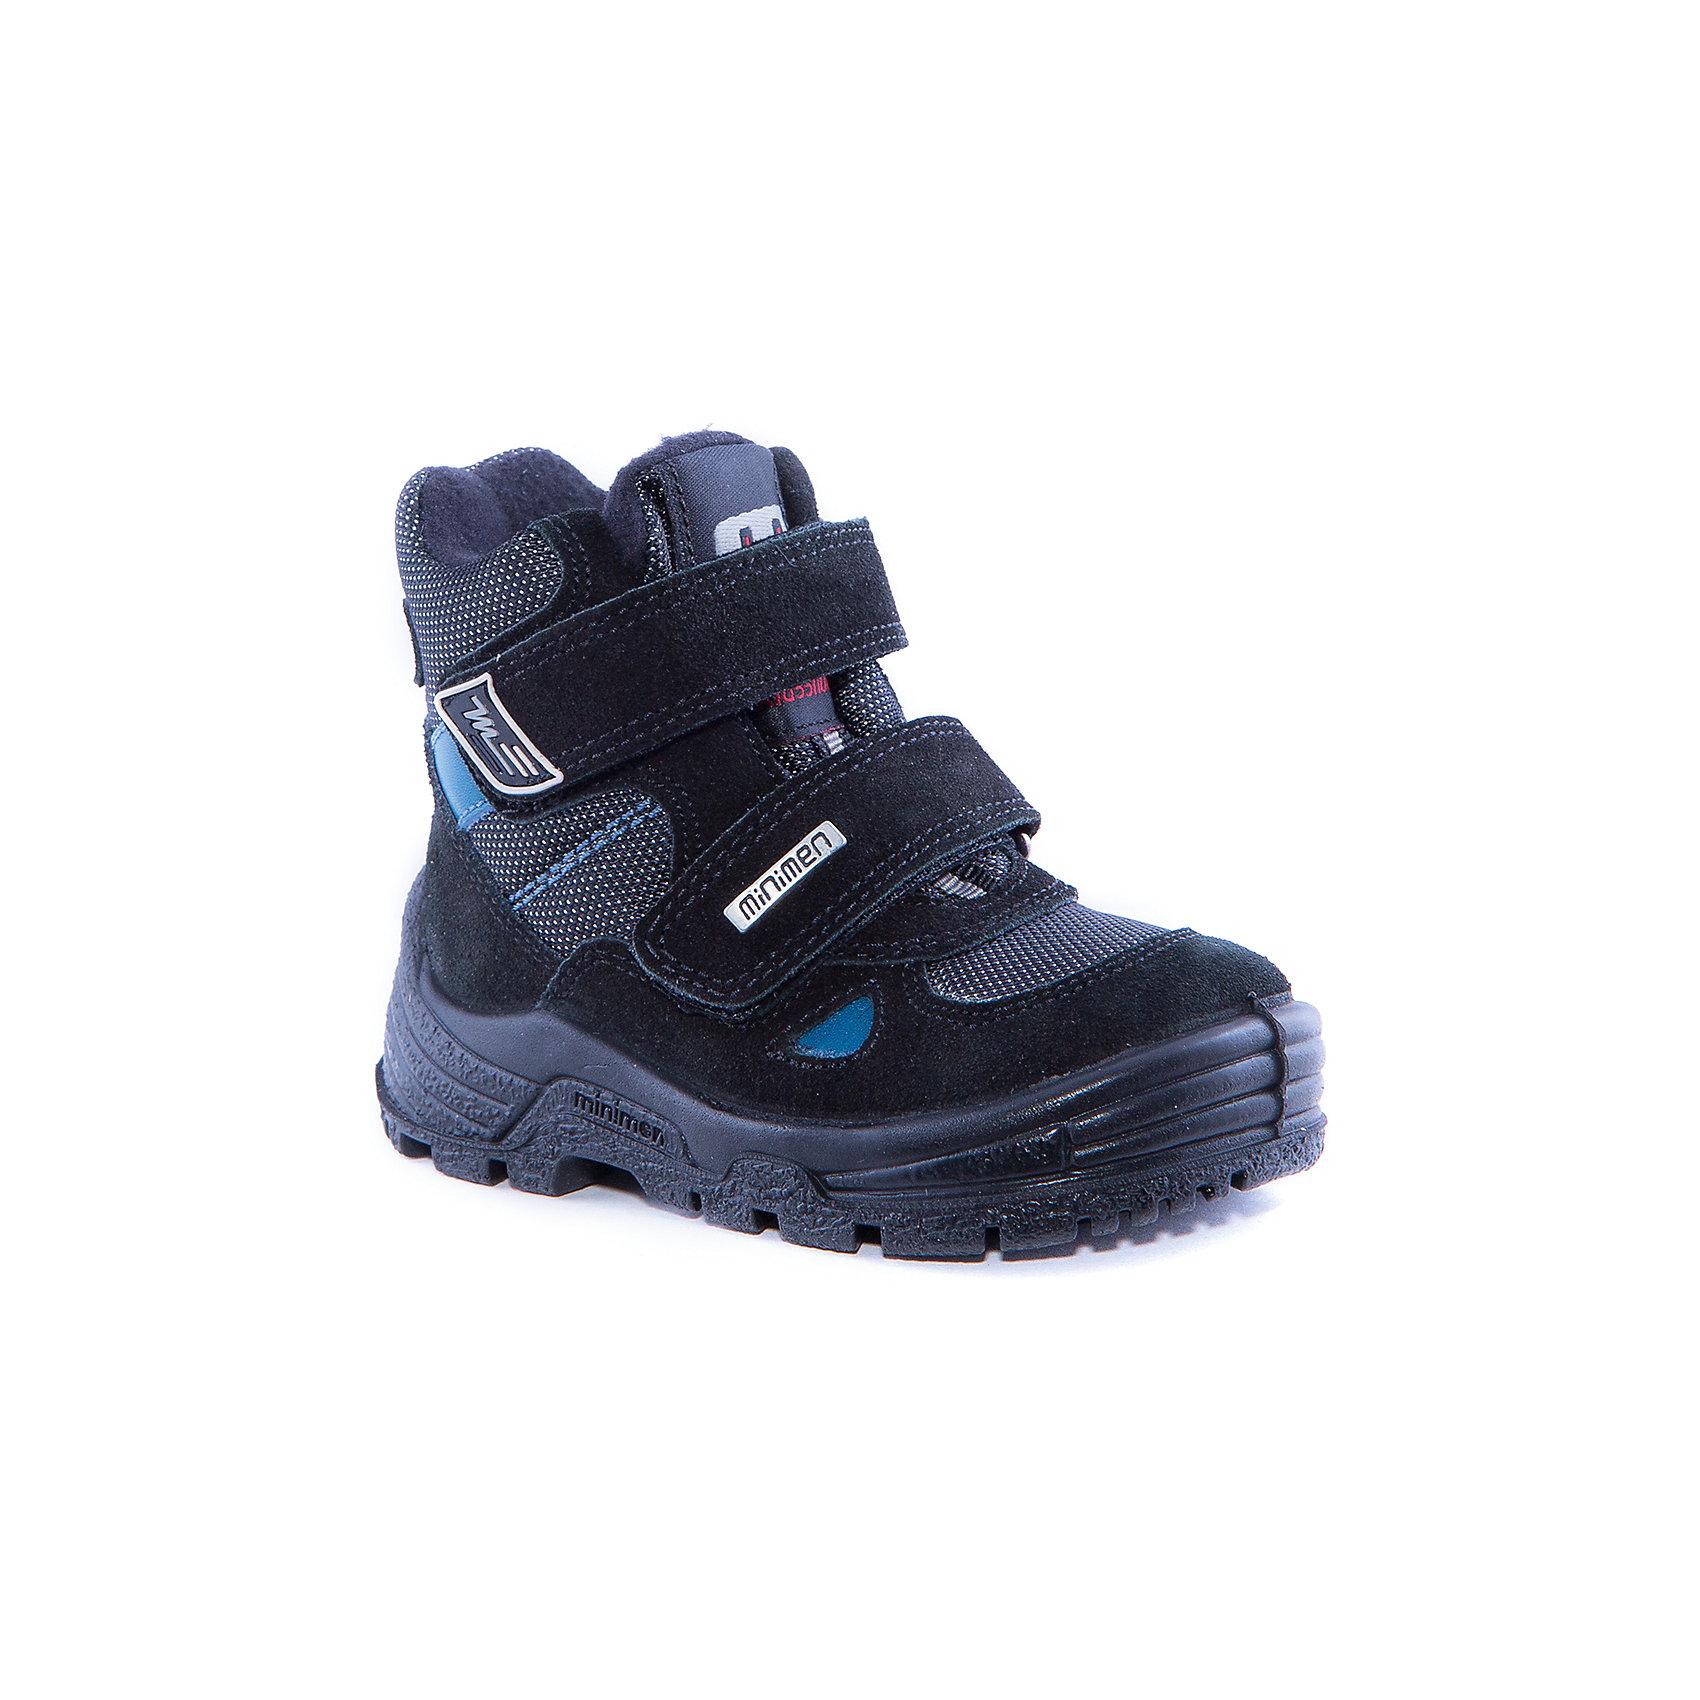 Полусапоги для мальчика MinimenПолусапоги для мальчика от известного бренда Minimen<br><br>Черные сапоги Minimen созданы для ношения в межсезонье и начинающиеся холода. Их форма тщательно проработана, поэтому детским ножкам в такой обуви тепло и комфортно. Качественные материалы позволяют сделать изделия износостойкими и удобными.<br><br>При создании этой модели использована мембрана SympaTex. Она добавляется в подкладку обуви и позволяют ногам оставаться сухими и теплыми. Мембрана активно отводит влагу наружу, и не дает жидкости проникать внутрь, а также  не создает препятствий для воздуха, обеспечивая комфортные условия для детских ножек.<br><br>Отличительные особенности модели:<br><br>- цвет: черный;<br>- мембрана SympaTex;<br>- гибкая нескользящая подошва;<br>- усиленный носок и задник;<br>- эргономичная форма;<br>- удобная колодка;<br>- шерстяная подкладка;<br>- натуральная кожа;<br>- застежки-липучки.<br><br>Дополнительная информация:<br><br>- Температурный режим: от - 20° С  до +5° С.<br><br>- Состав:<br><br>материал верха: 100% натуральная кожа<br>материал подкладки: 100% шерсть<br>подошва: ТЭП<br><br>Полусапоги для мальчика Minimen (Минимен) можно купить в нашем магазине.<br><br>Ширина мм: 257<br>Глубина мм: 180<br>Высота мм: 130<br>Вес г: 420<br>Цвет: черный<br>Возраст от месяцев: 24<br>Возраст до месяцев: 24<br>Пол: Мужской<br>Возраст: Детский<br>Размер: 25,21,23,24,26,27,28,29,22<br>SKU: 4295721